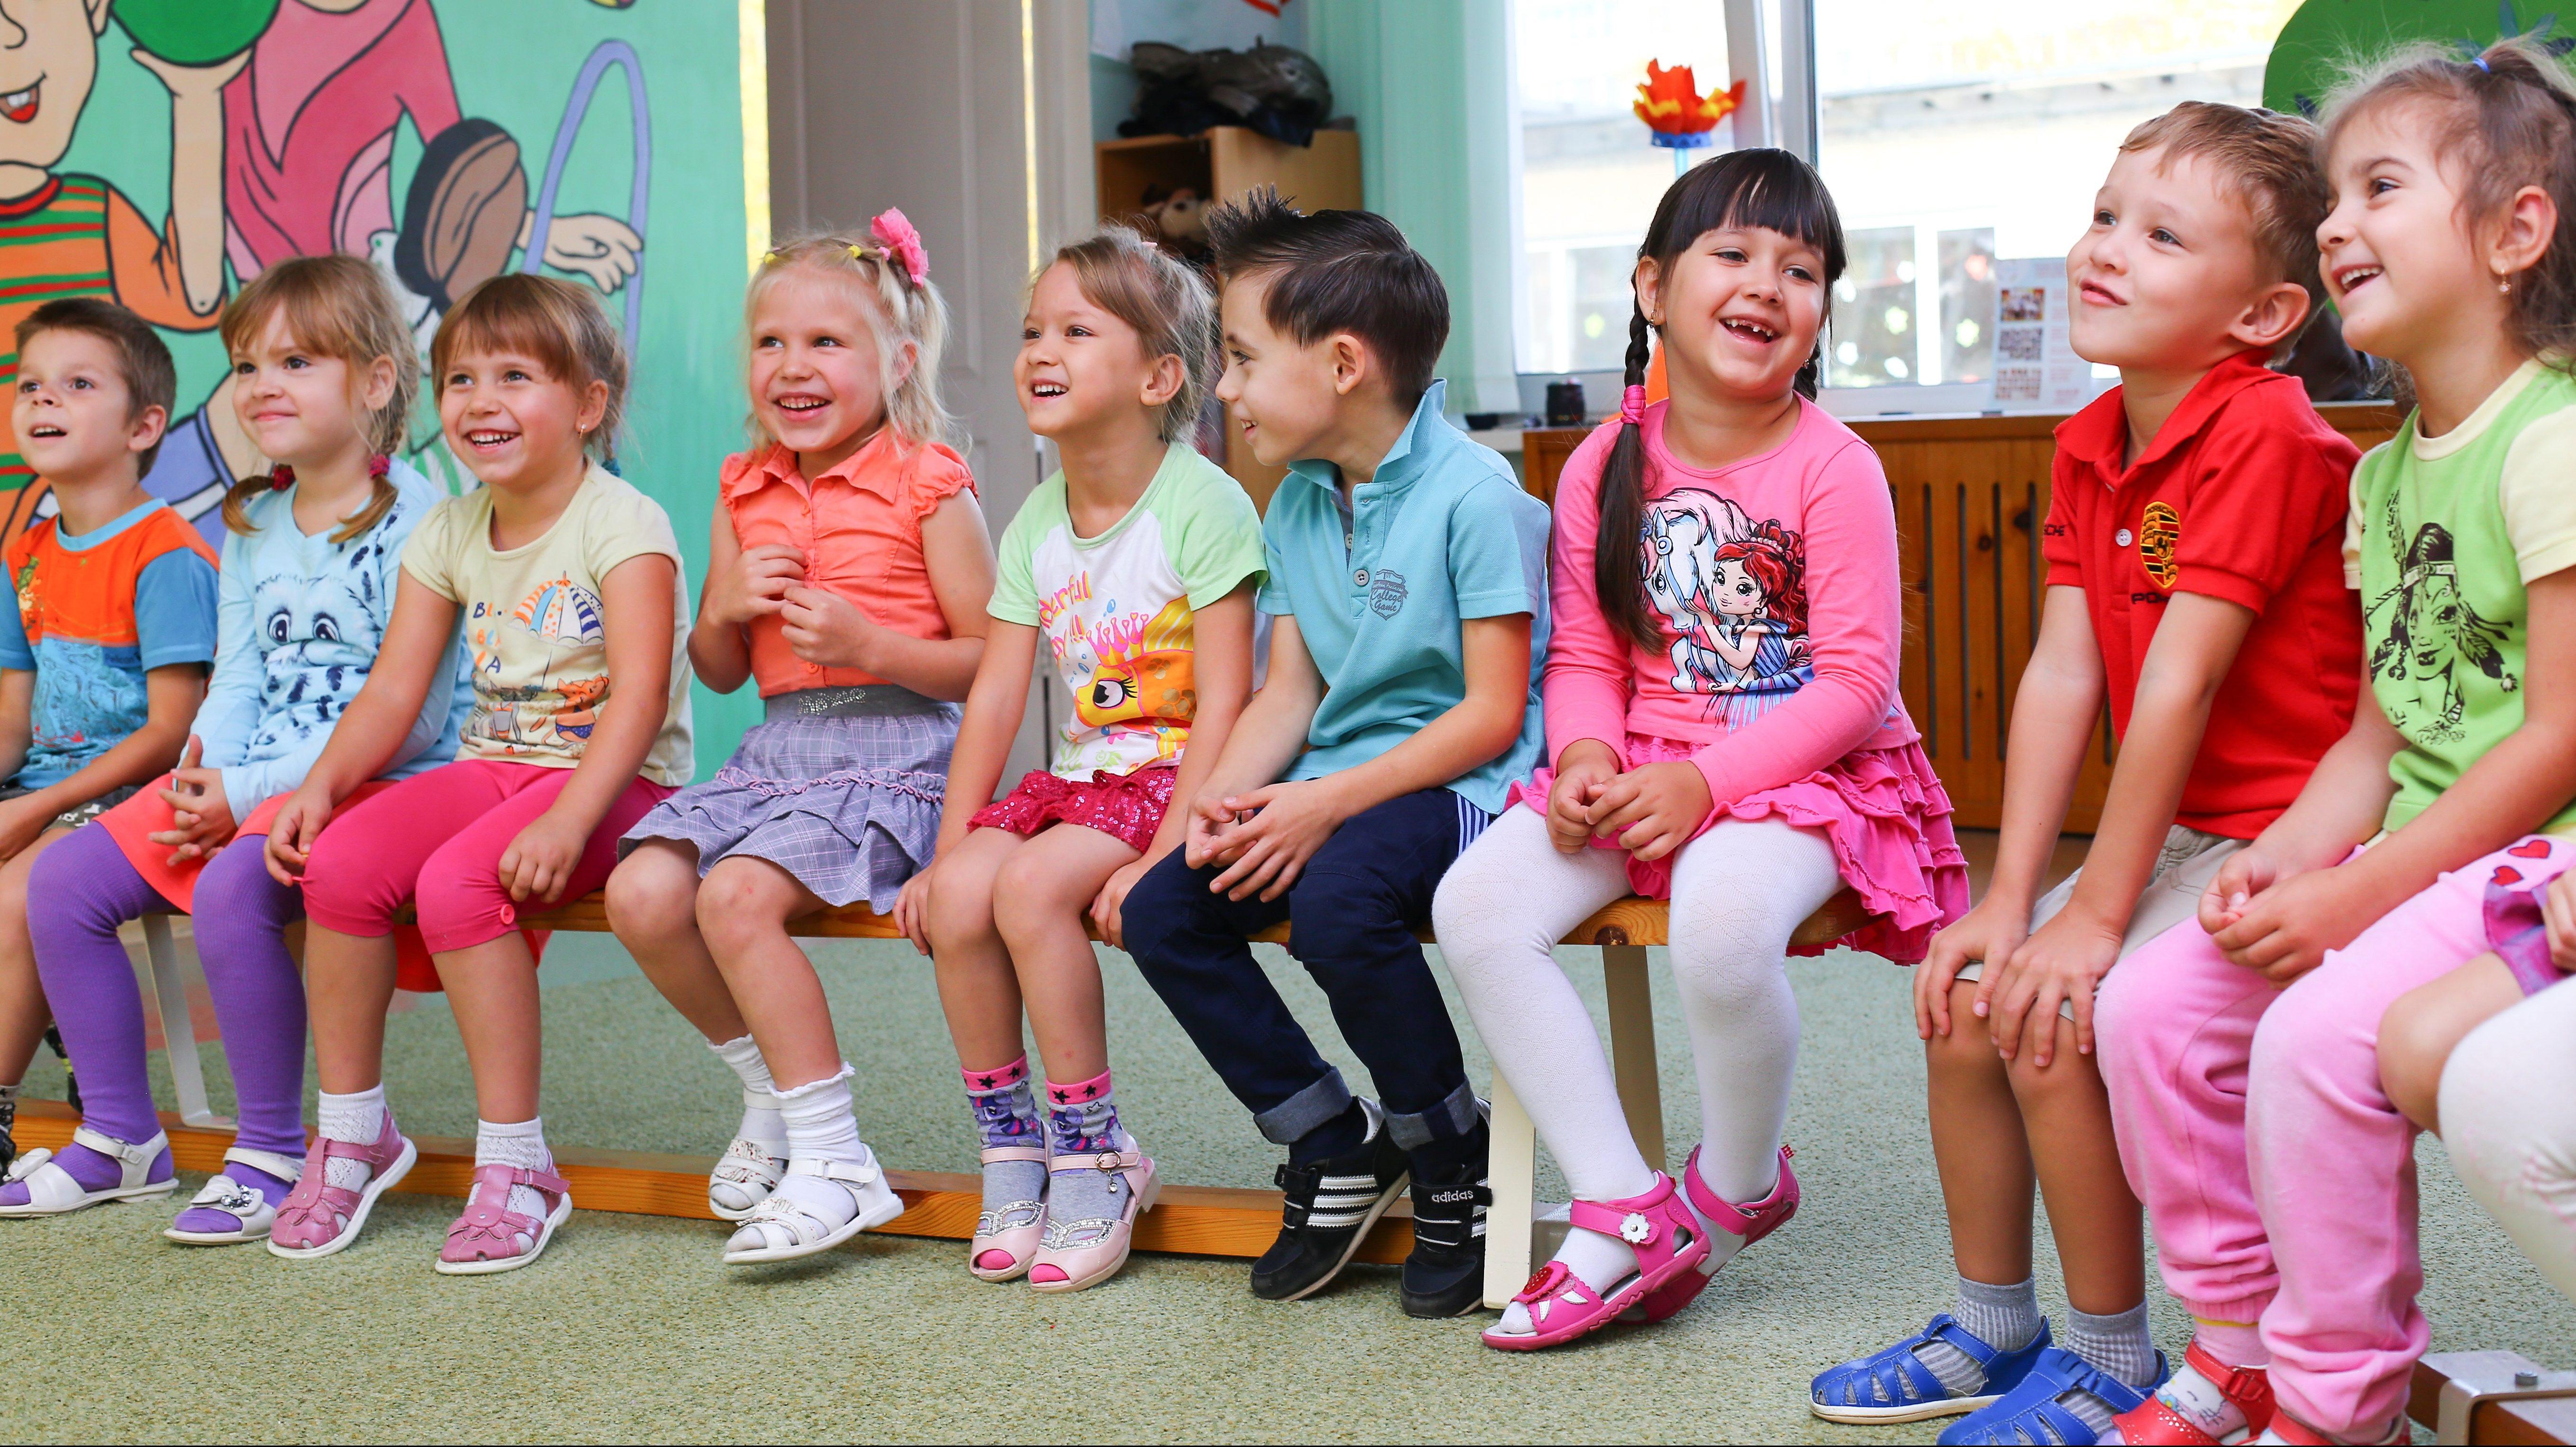 Tio leende barn i färgglada kläder sitter på en bänk i en halvcirkel. Bakom barnen syns ett fönster och en öppen dörr syns till vänster. Väggen på vänster sida är målad i ljust grön färg med två lekande barn. Golvet är klätt med ljusgrön heltäckningsmatta.